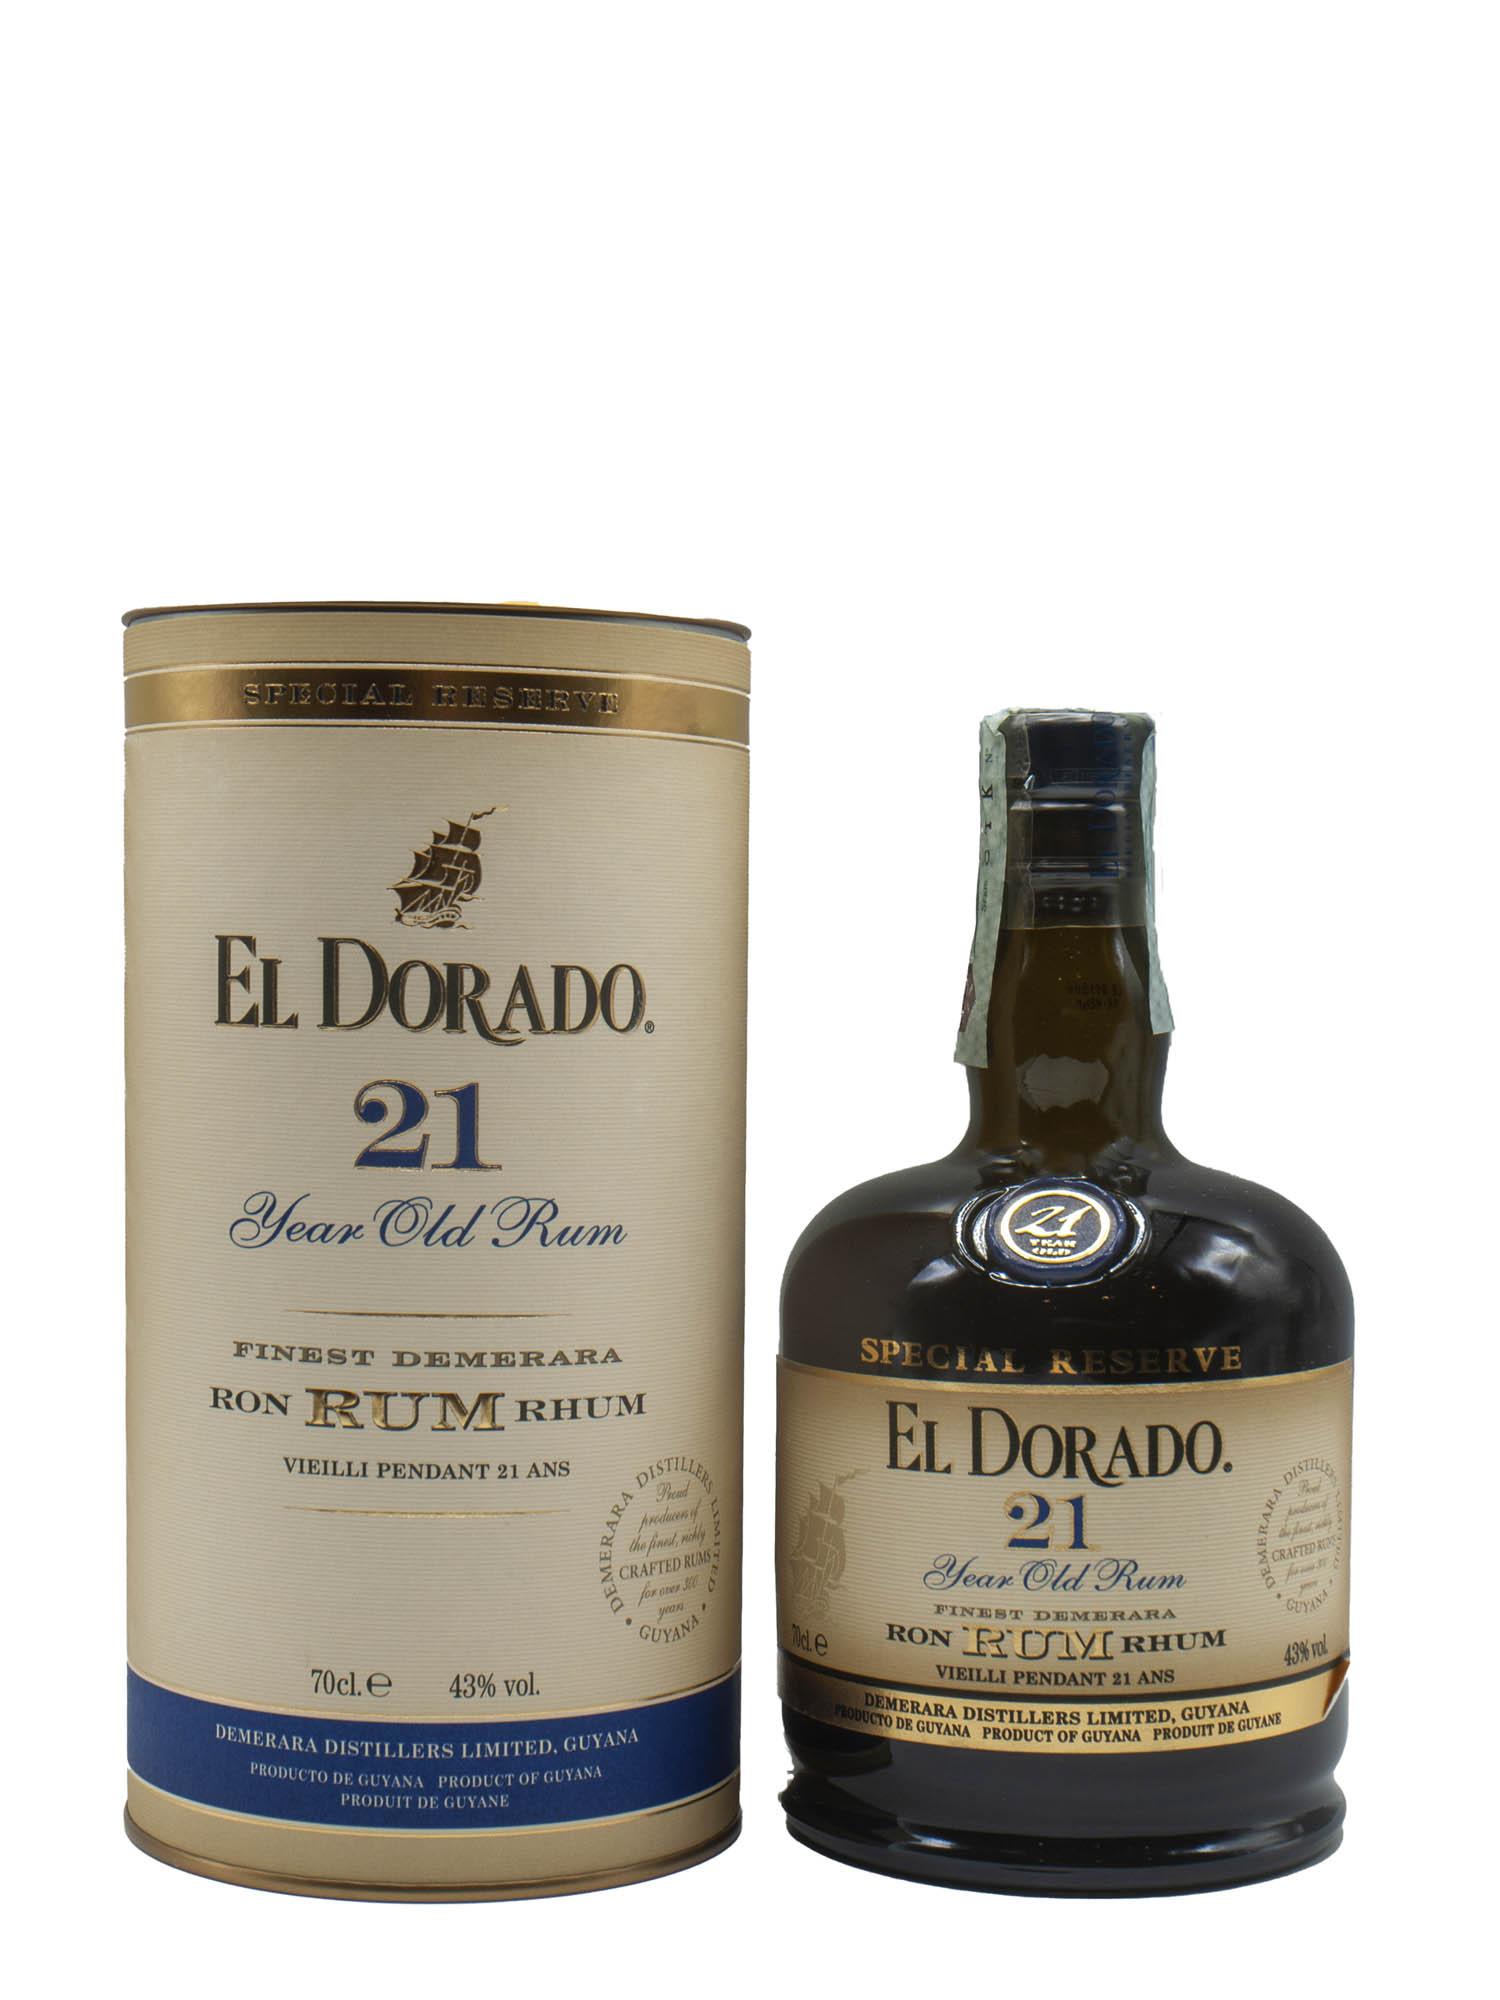 Rum El Dorado Demerara 21 Year Old